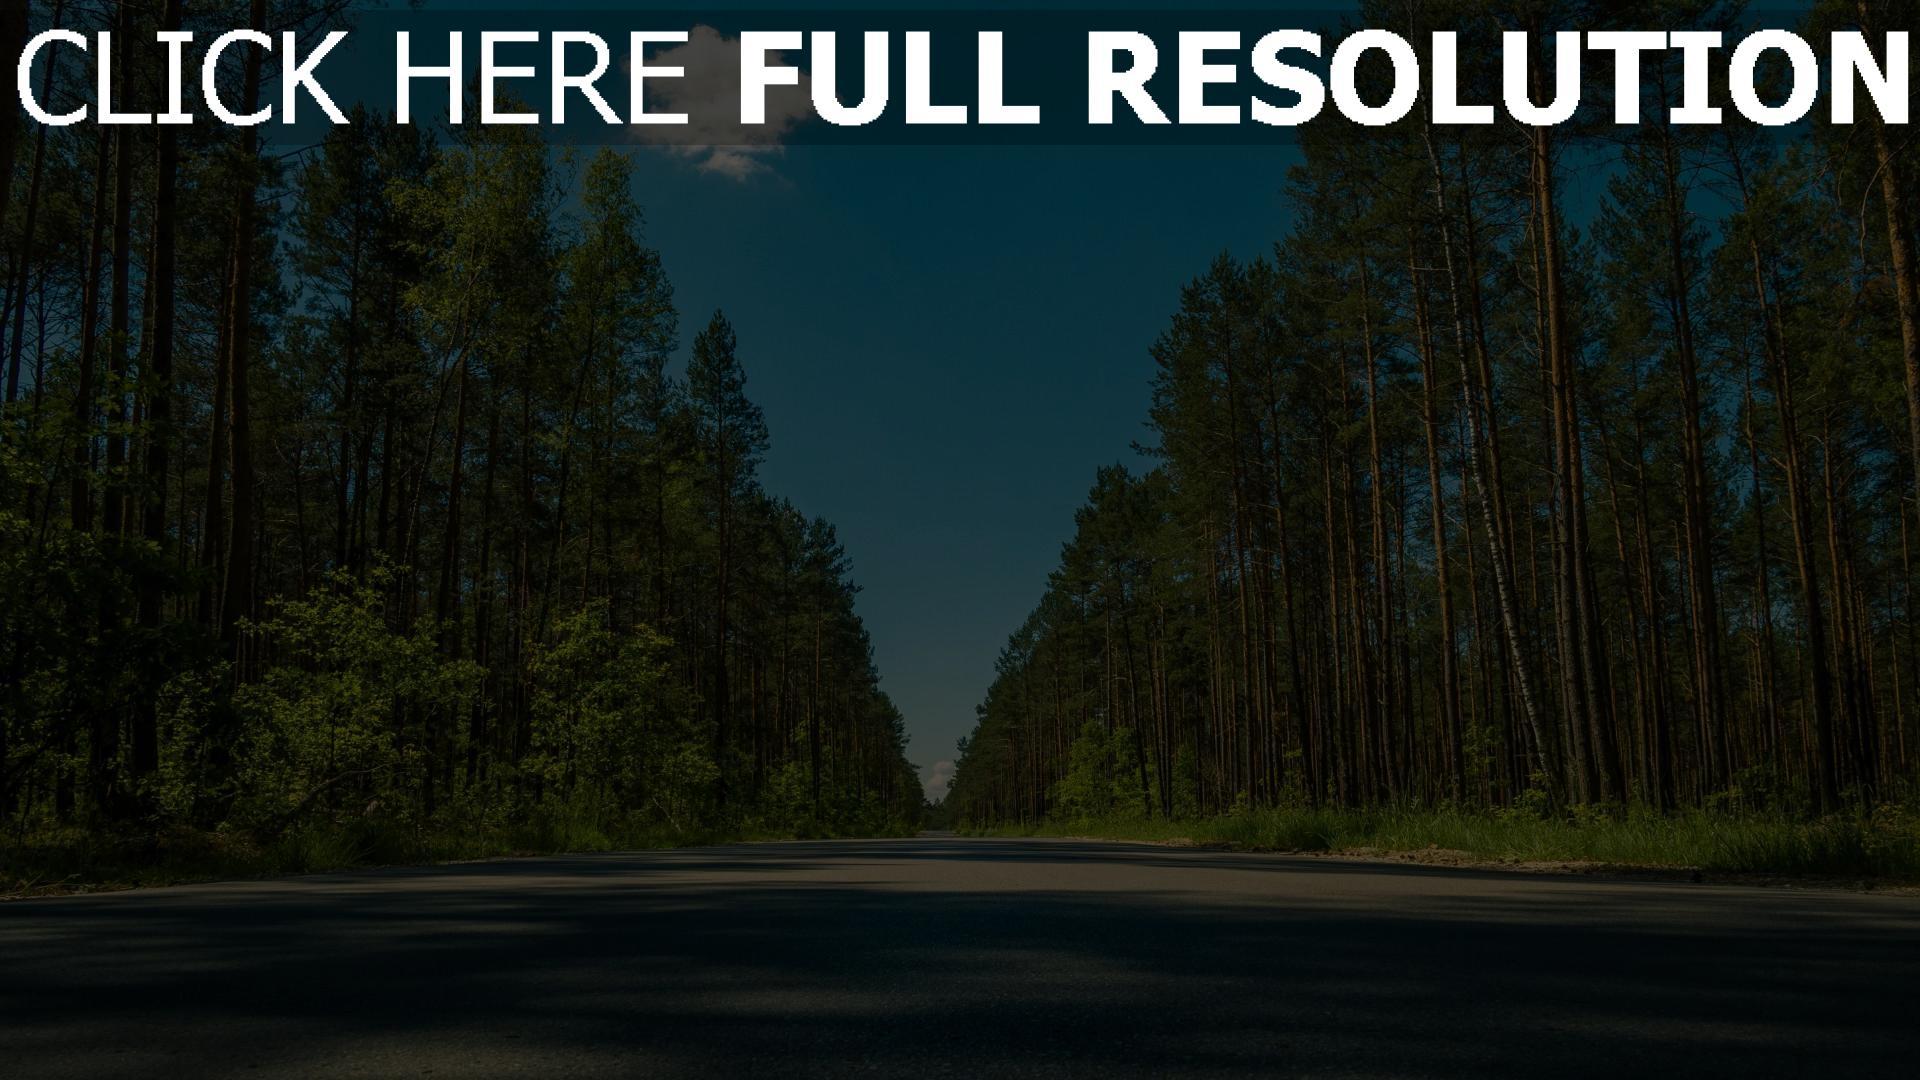 hd hintergrundbilder bäume straße sommer 1920x1080